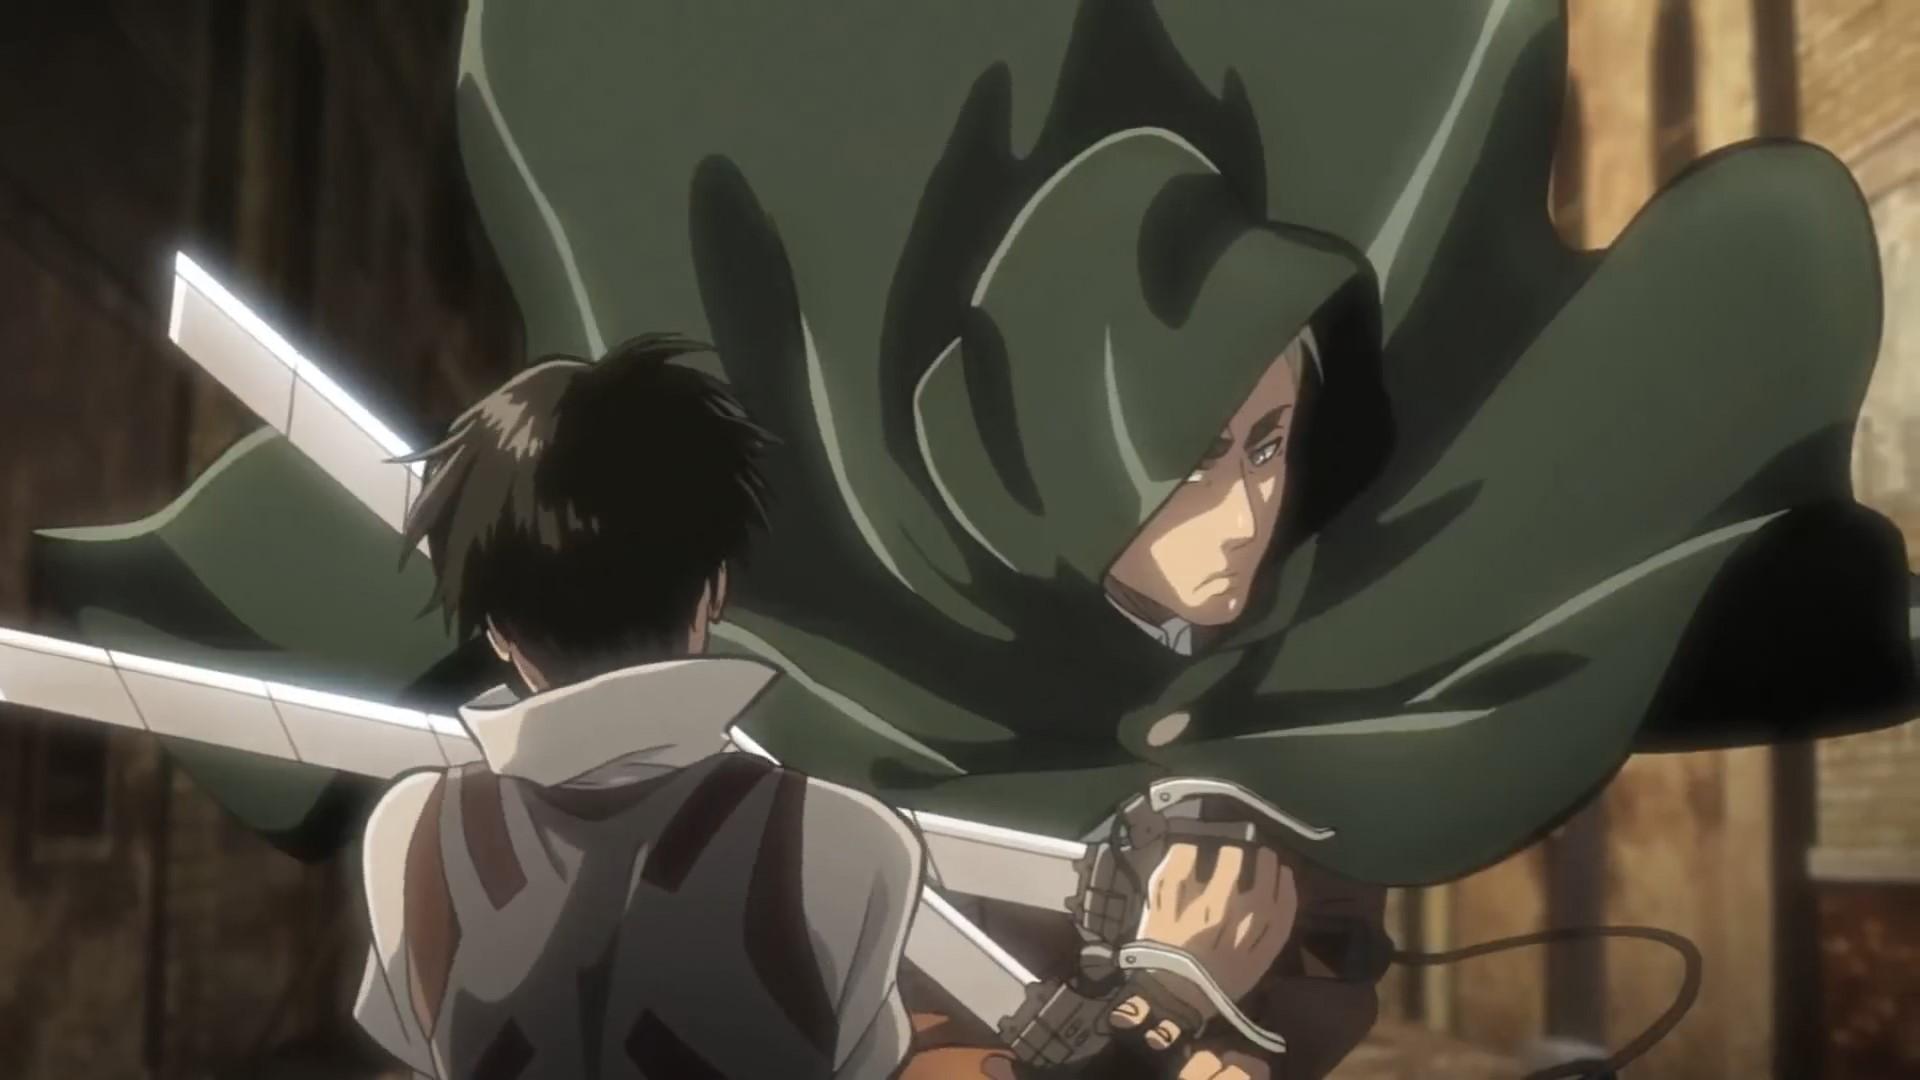 [Saizen-Soldado]_Shingeki_no_Kyojin_-_Kuinaki_Sentaku_OVA_(PV)_[1080p][WEB][13F6B6F1].mkv_snapshot_01.12_[2014.11.16_15.45.30]